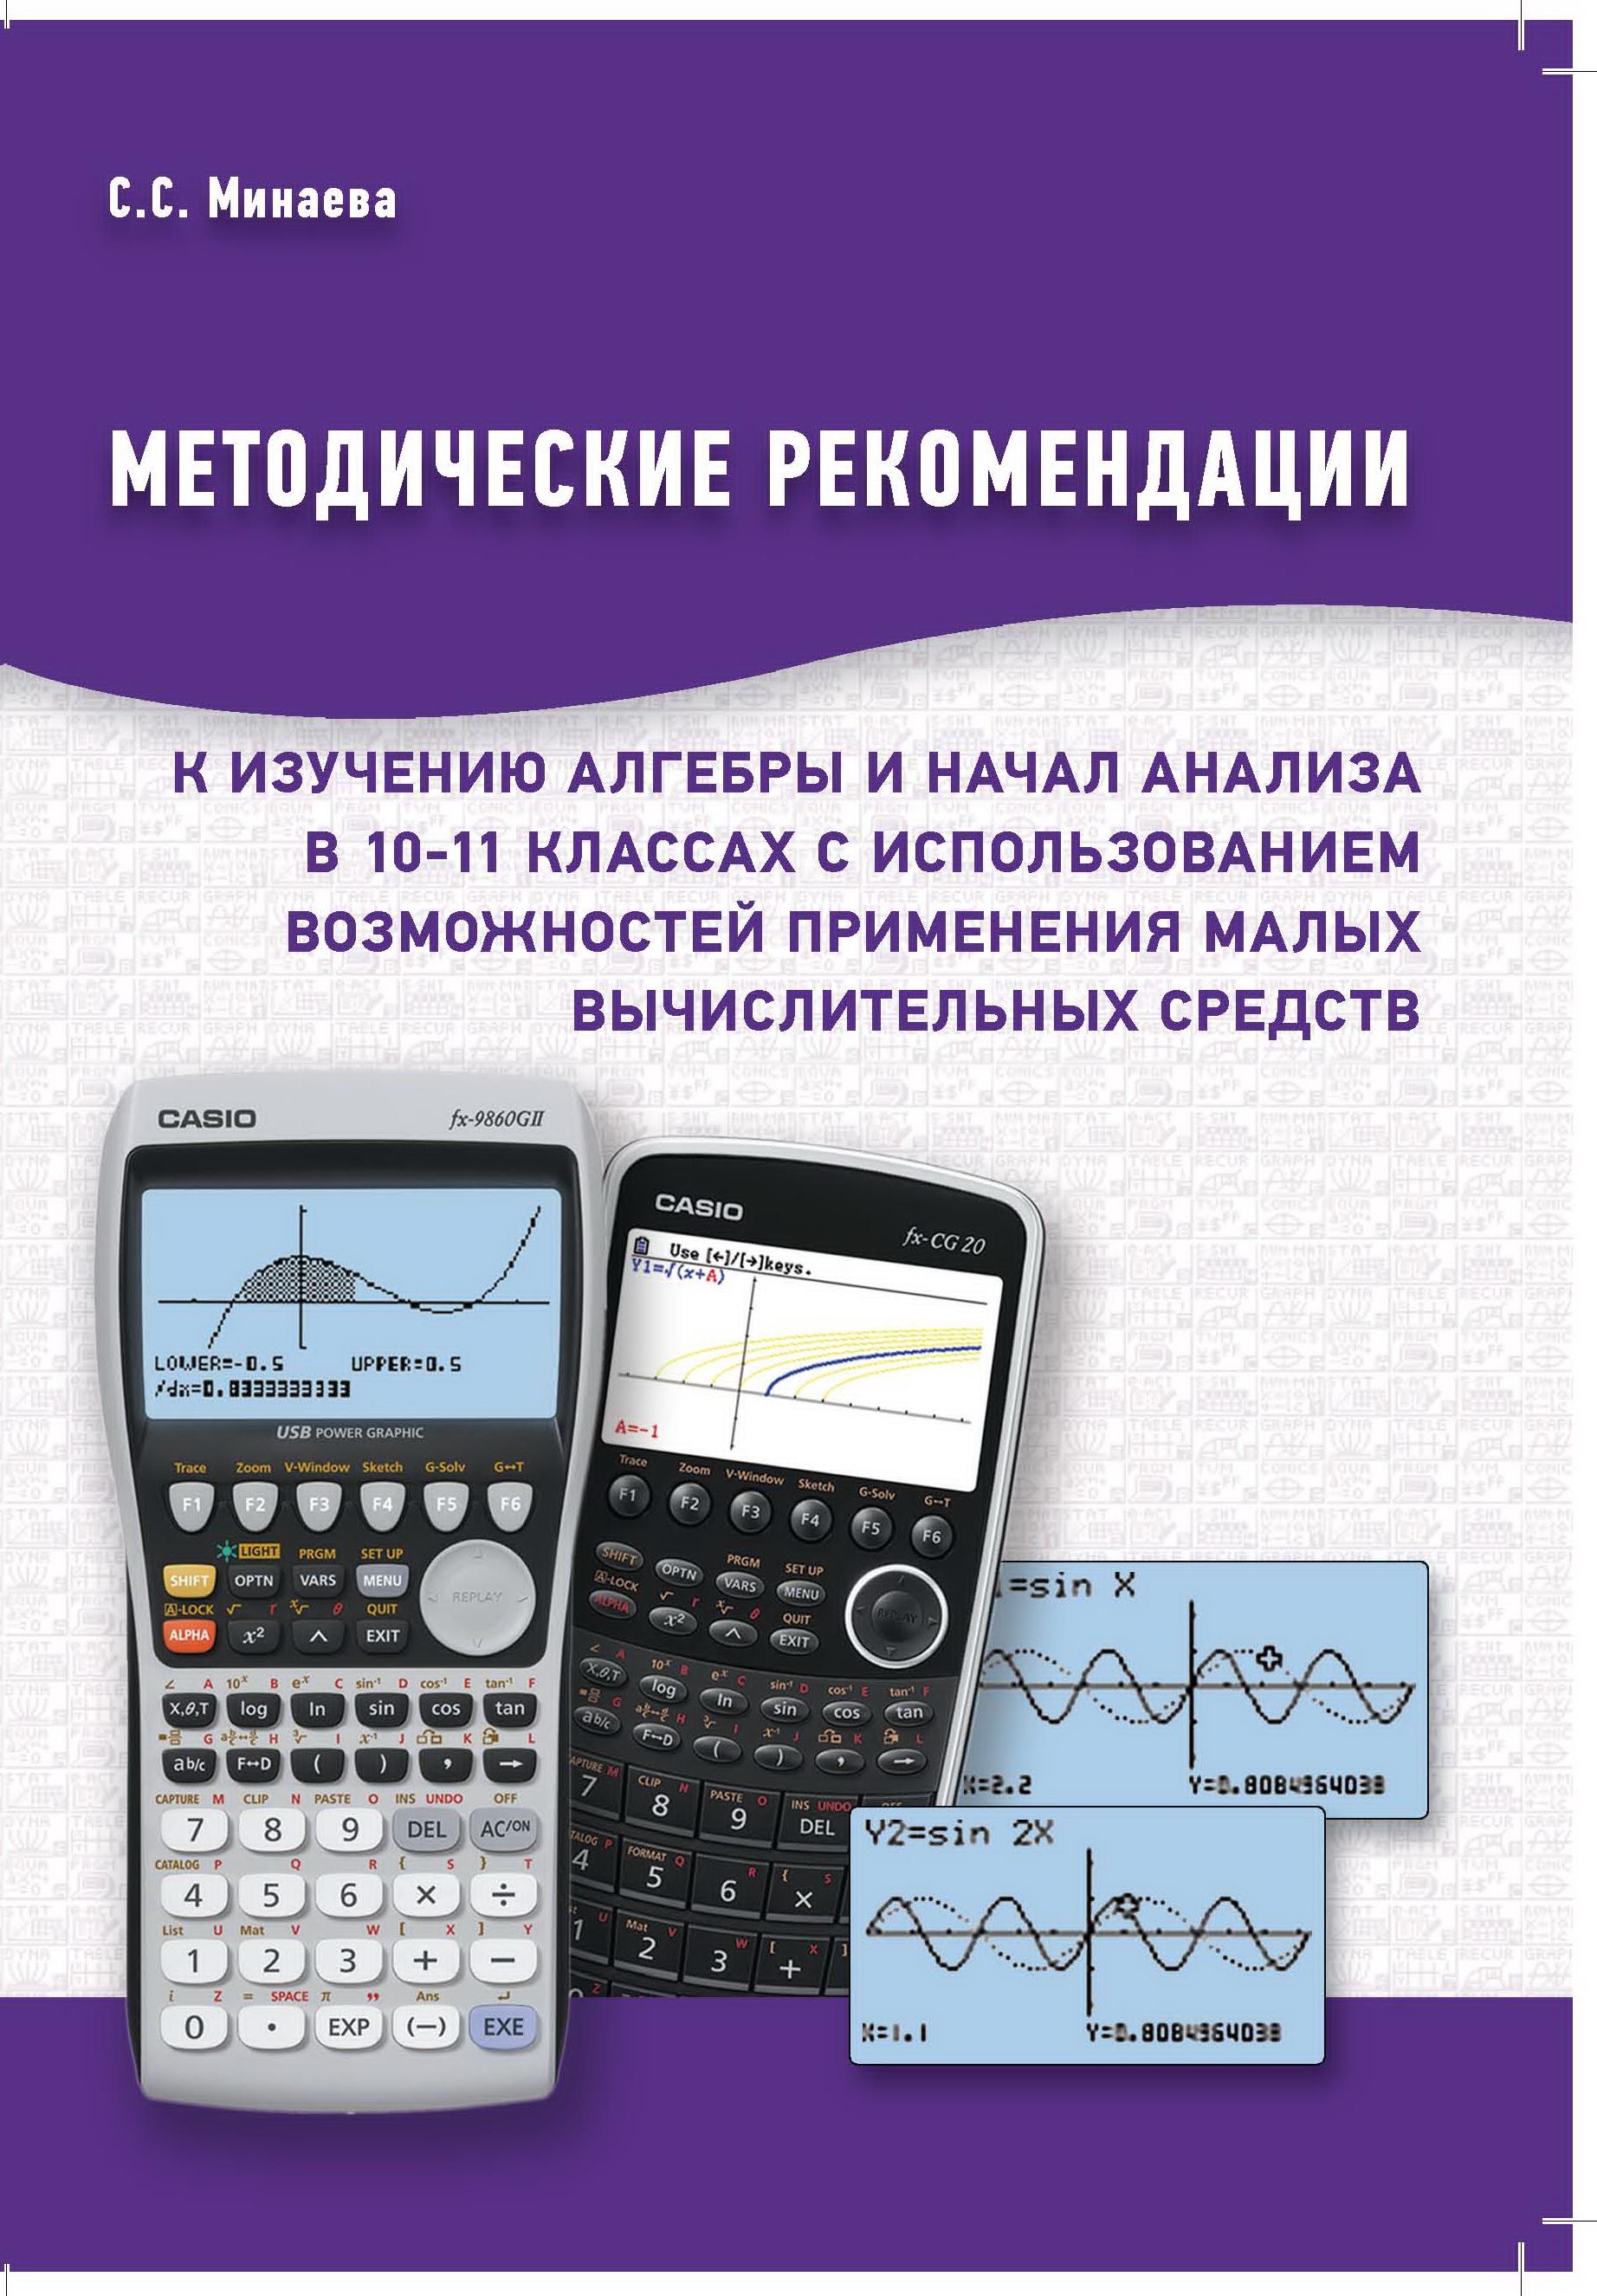 Методические рекомендации к изучению алгебры и начал анализа в 10-11 классах с использованием возможностей применения малых вычислительных средств